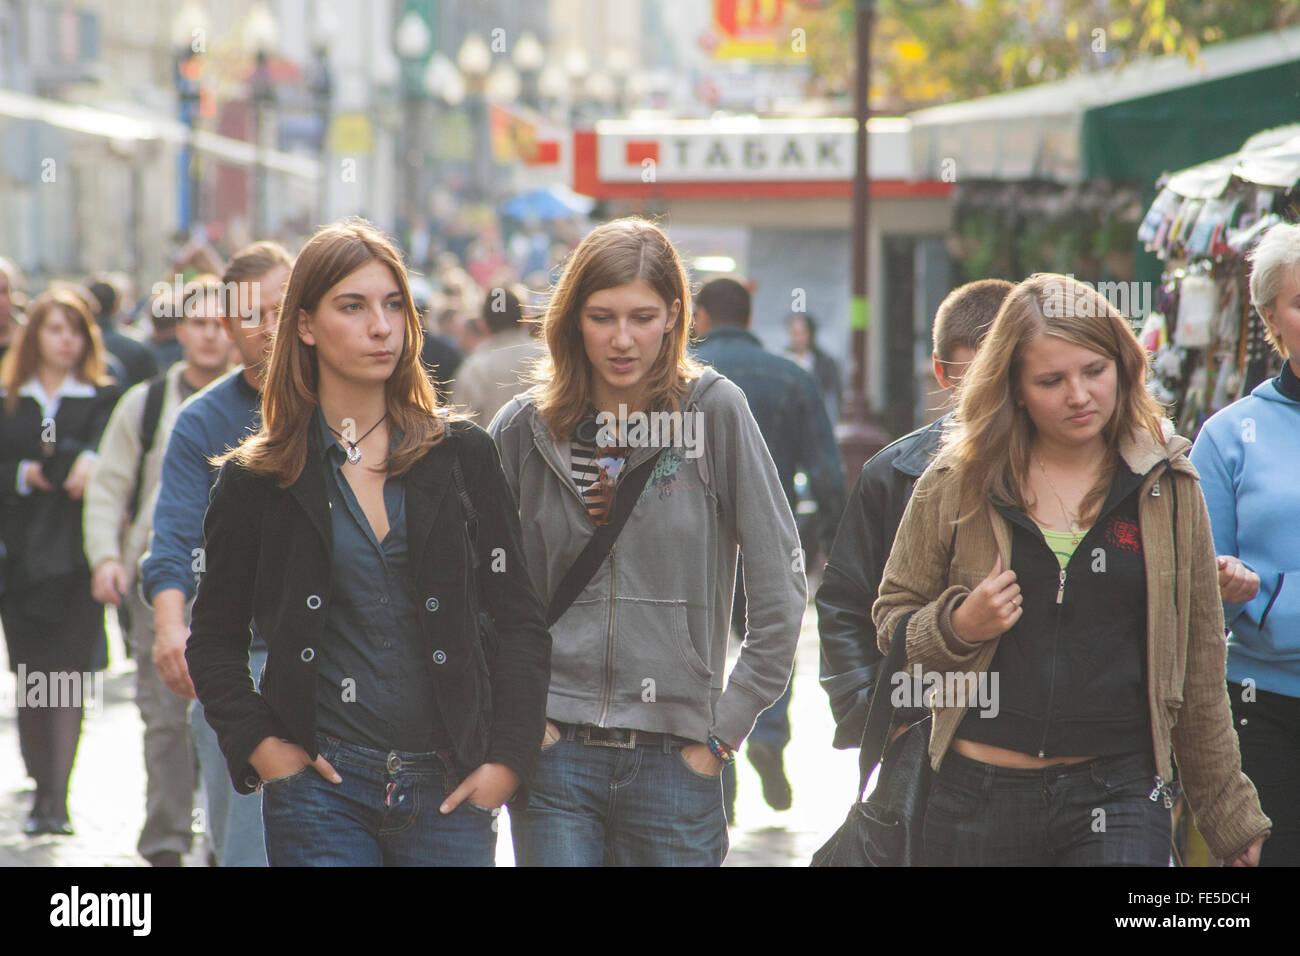 Moskau Frauen treffen - Die besten Tipps zum finden der Traumfrau